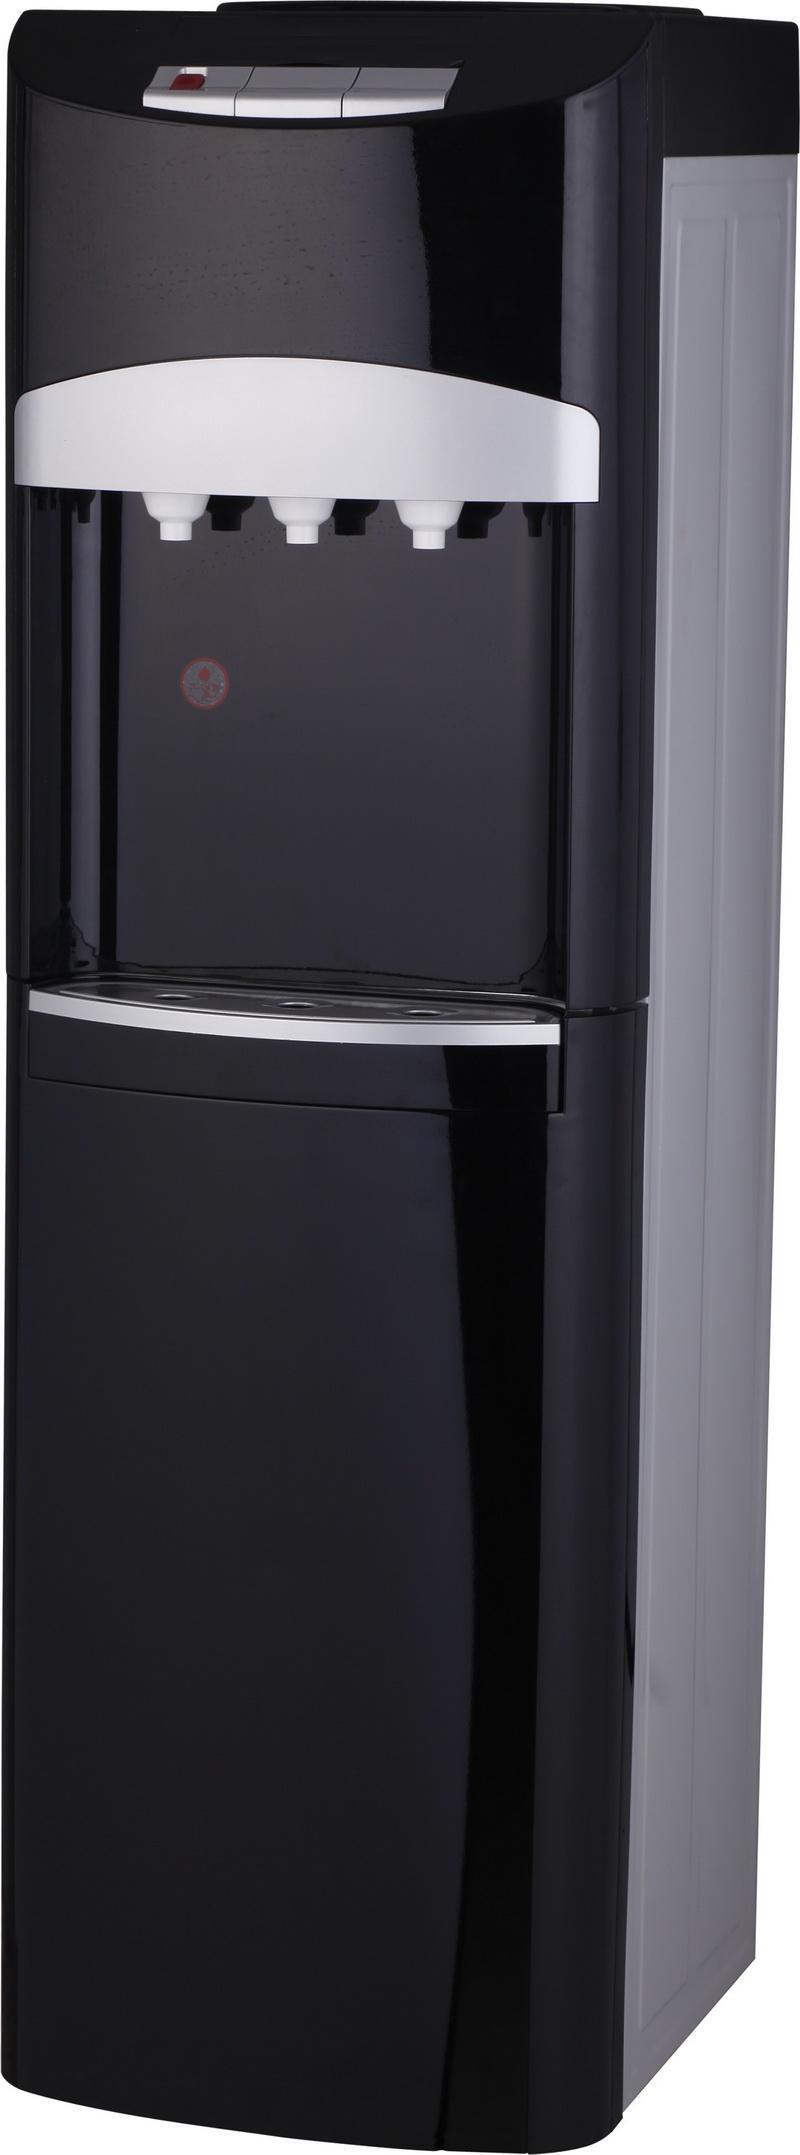 Water Dispenser (XXKL-SLR-89AD)